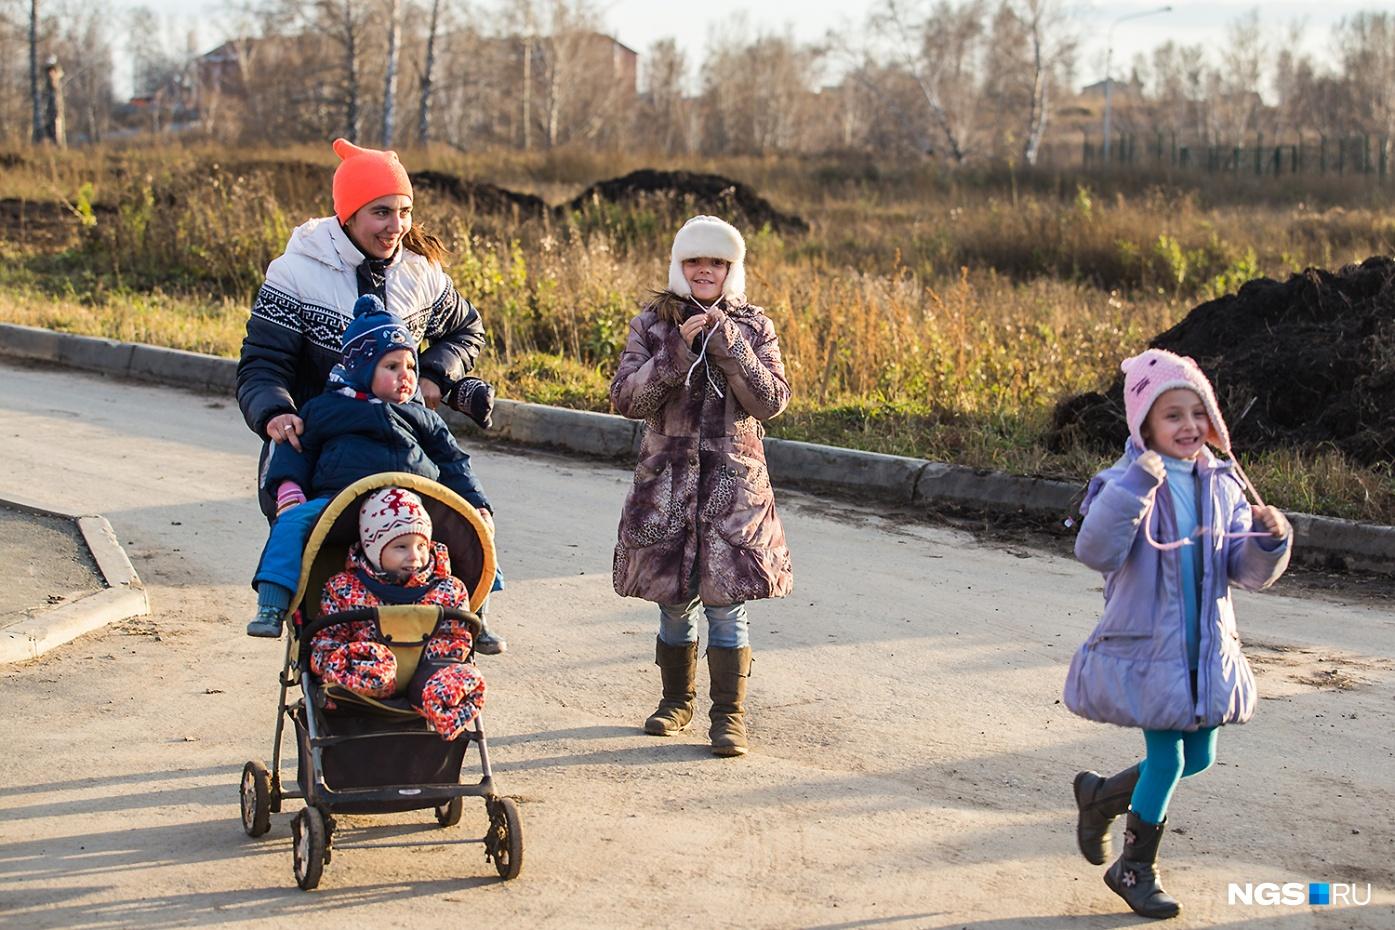 В каждом регионе у многодетных семей свои права и льготы